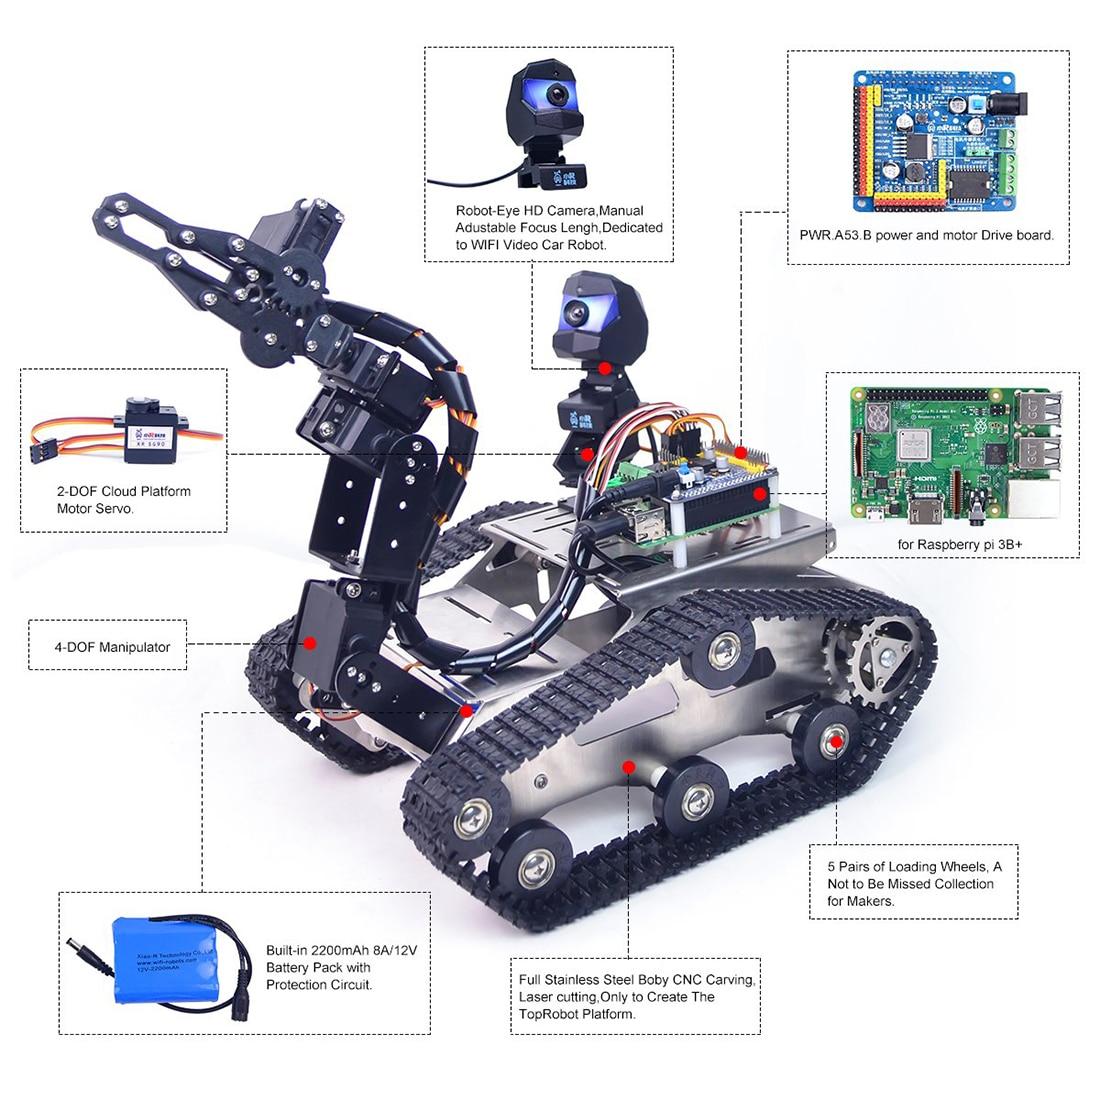 Kit de voiture Robot de réservoir FPV WiFi Bluetooth Programmable avec bras pour framboise Pi 3B +-Version d'évitement d'obstacles de patrouille en ligne